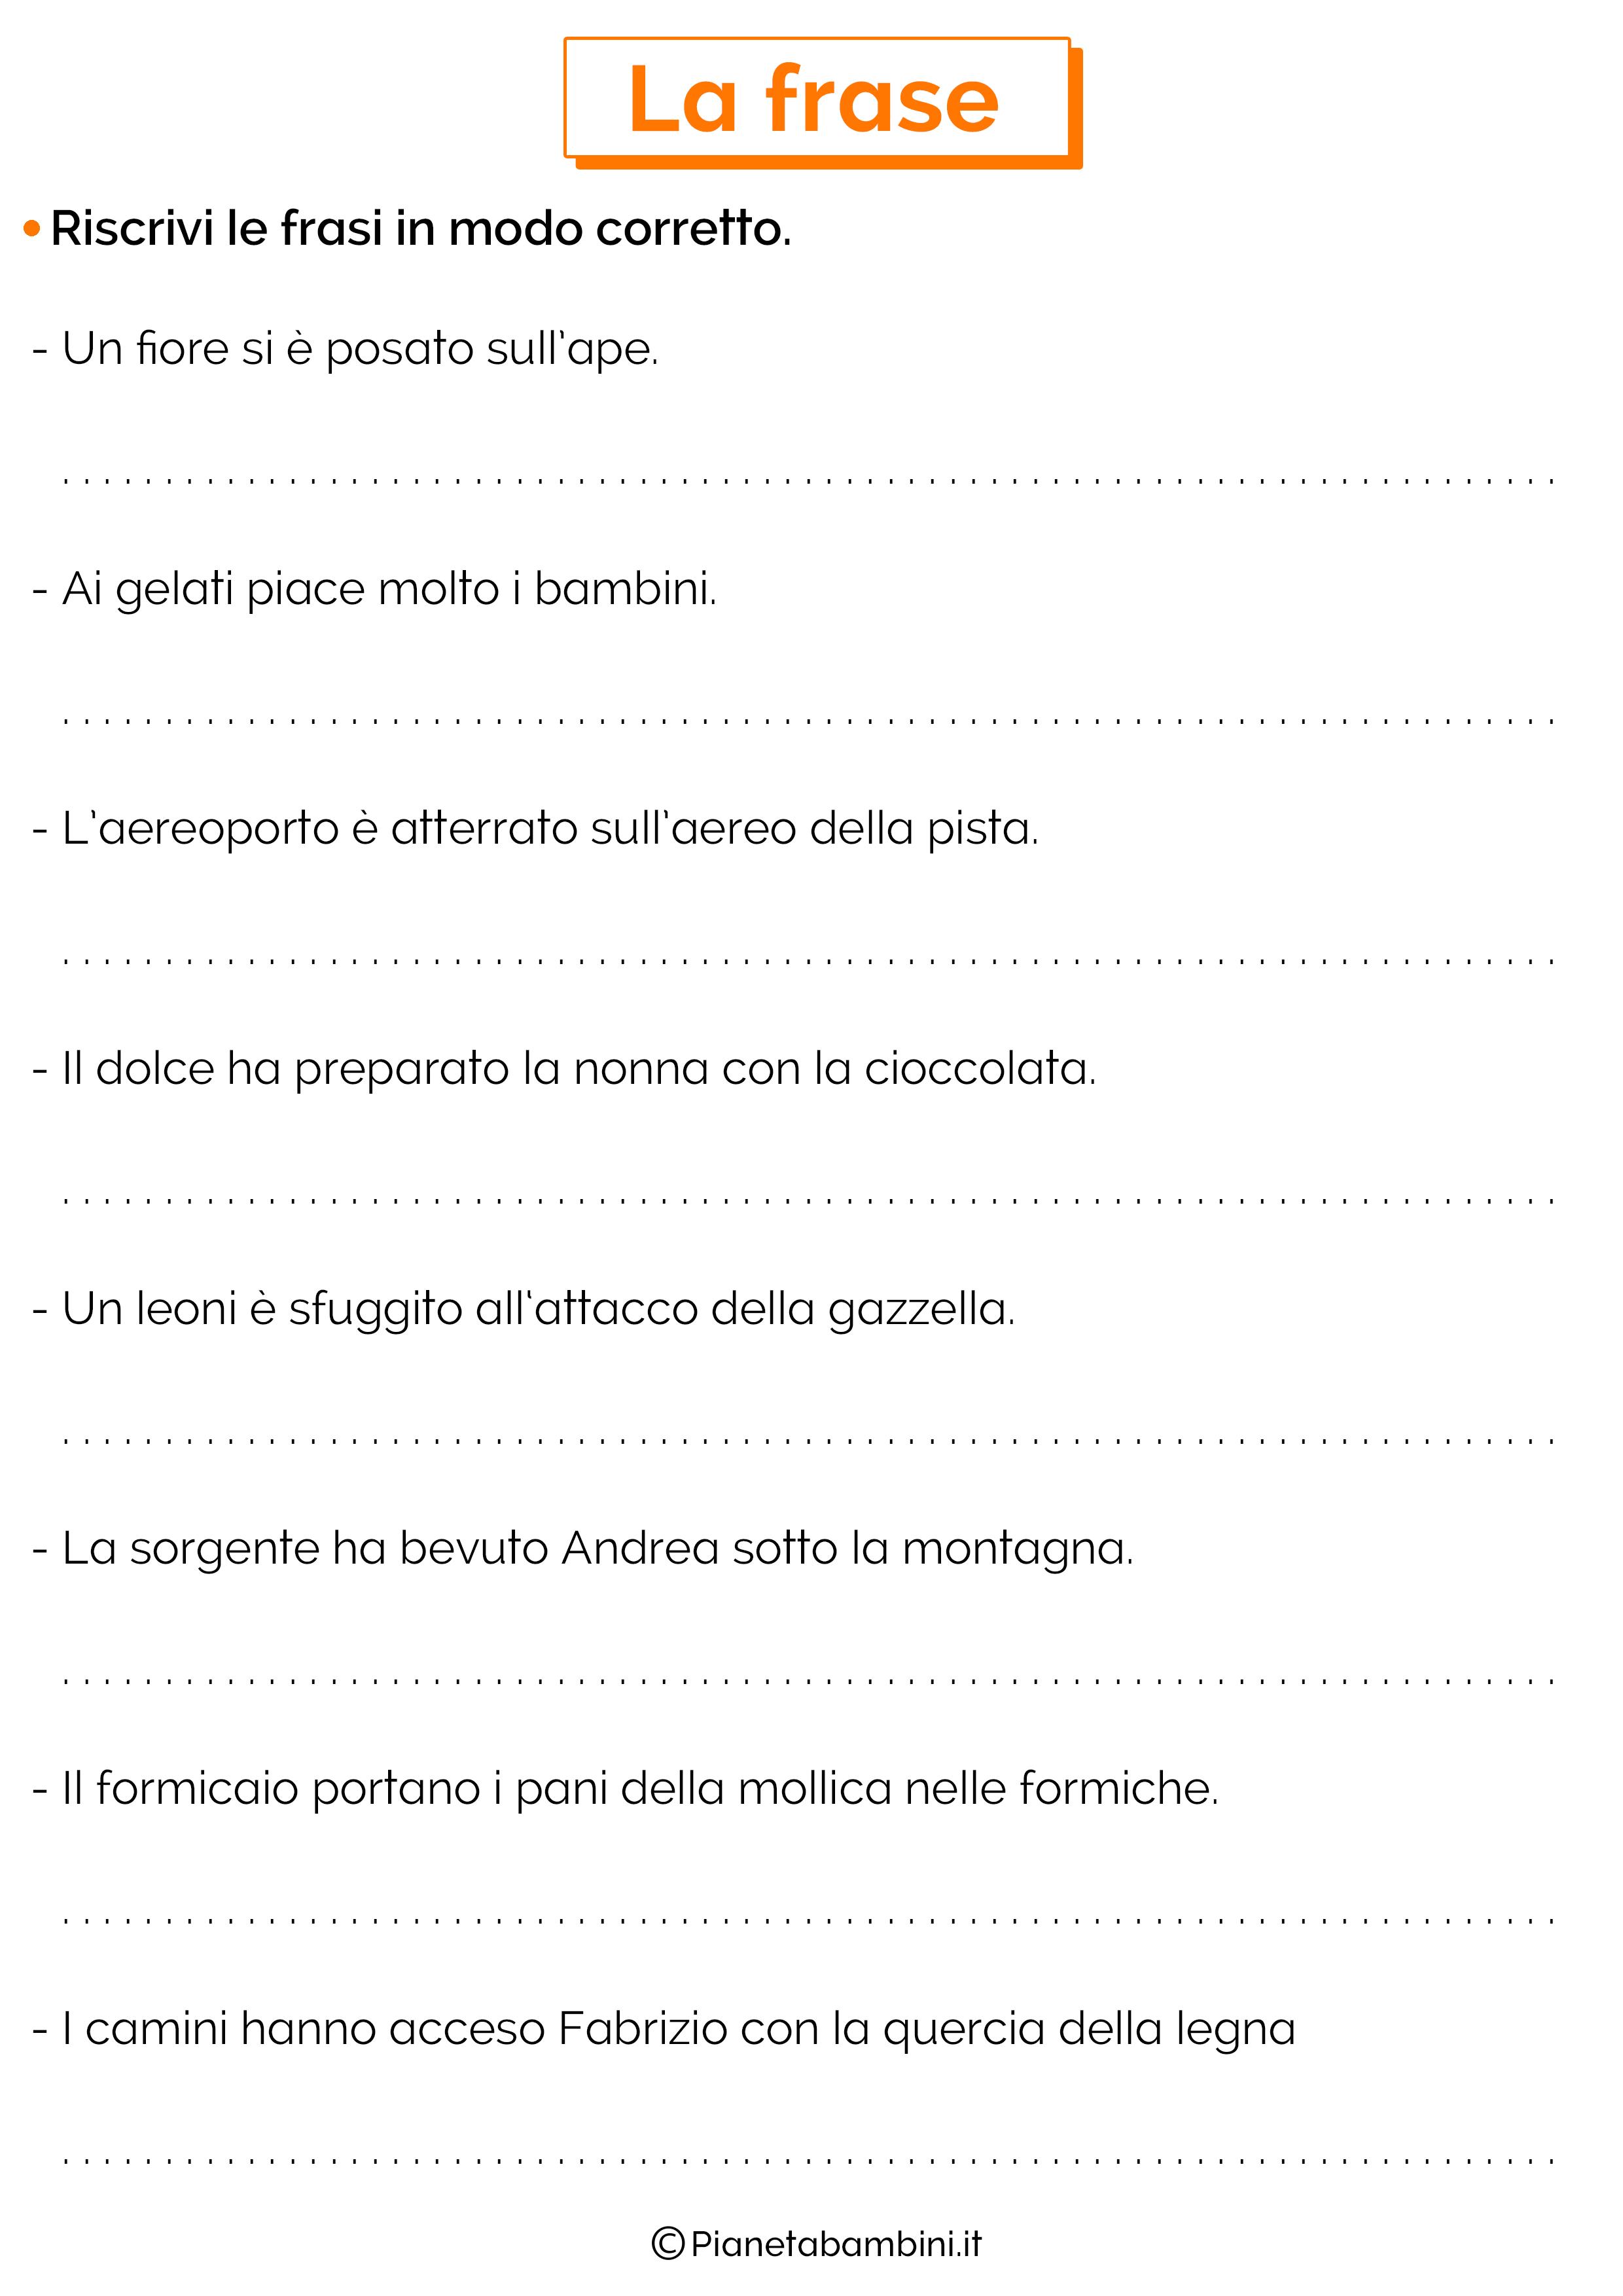 Riscrivi le frasi